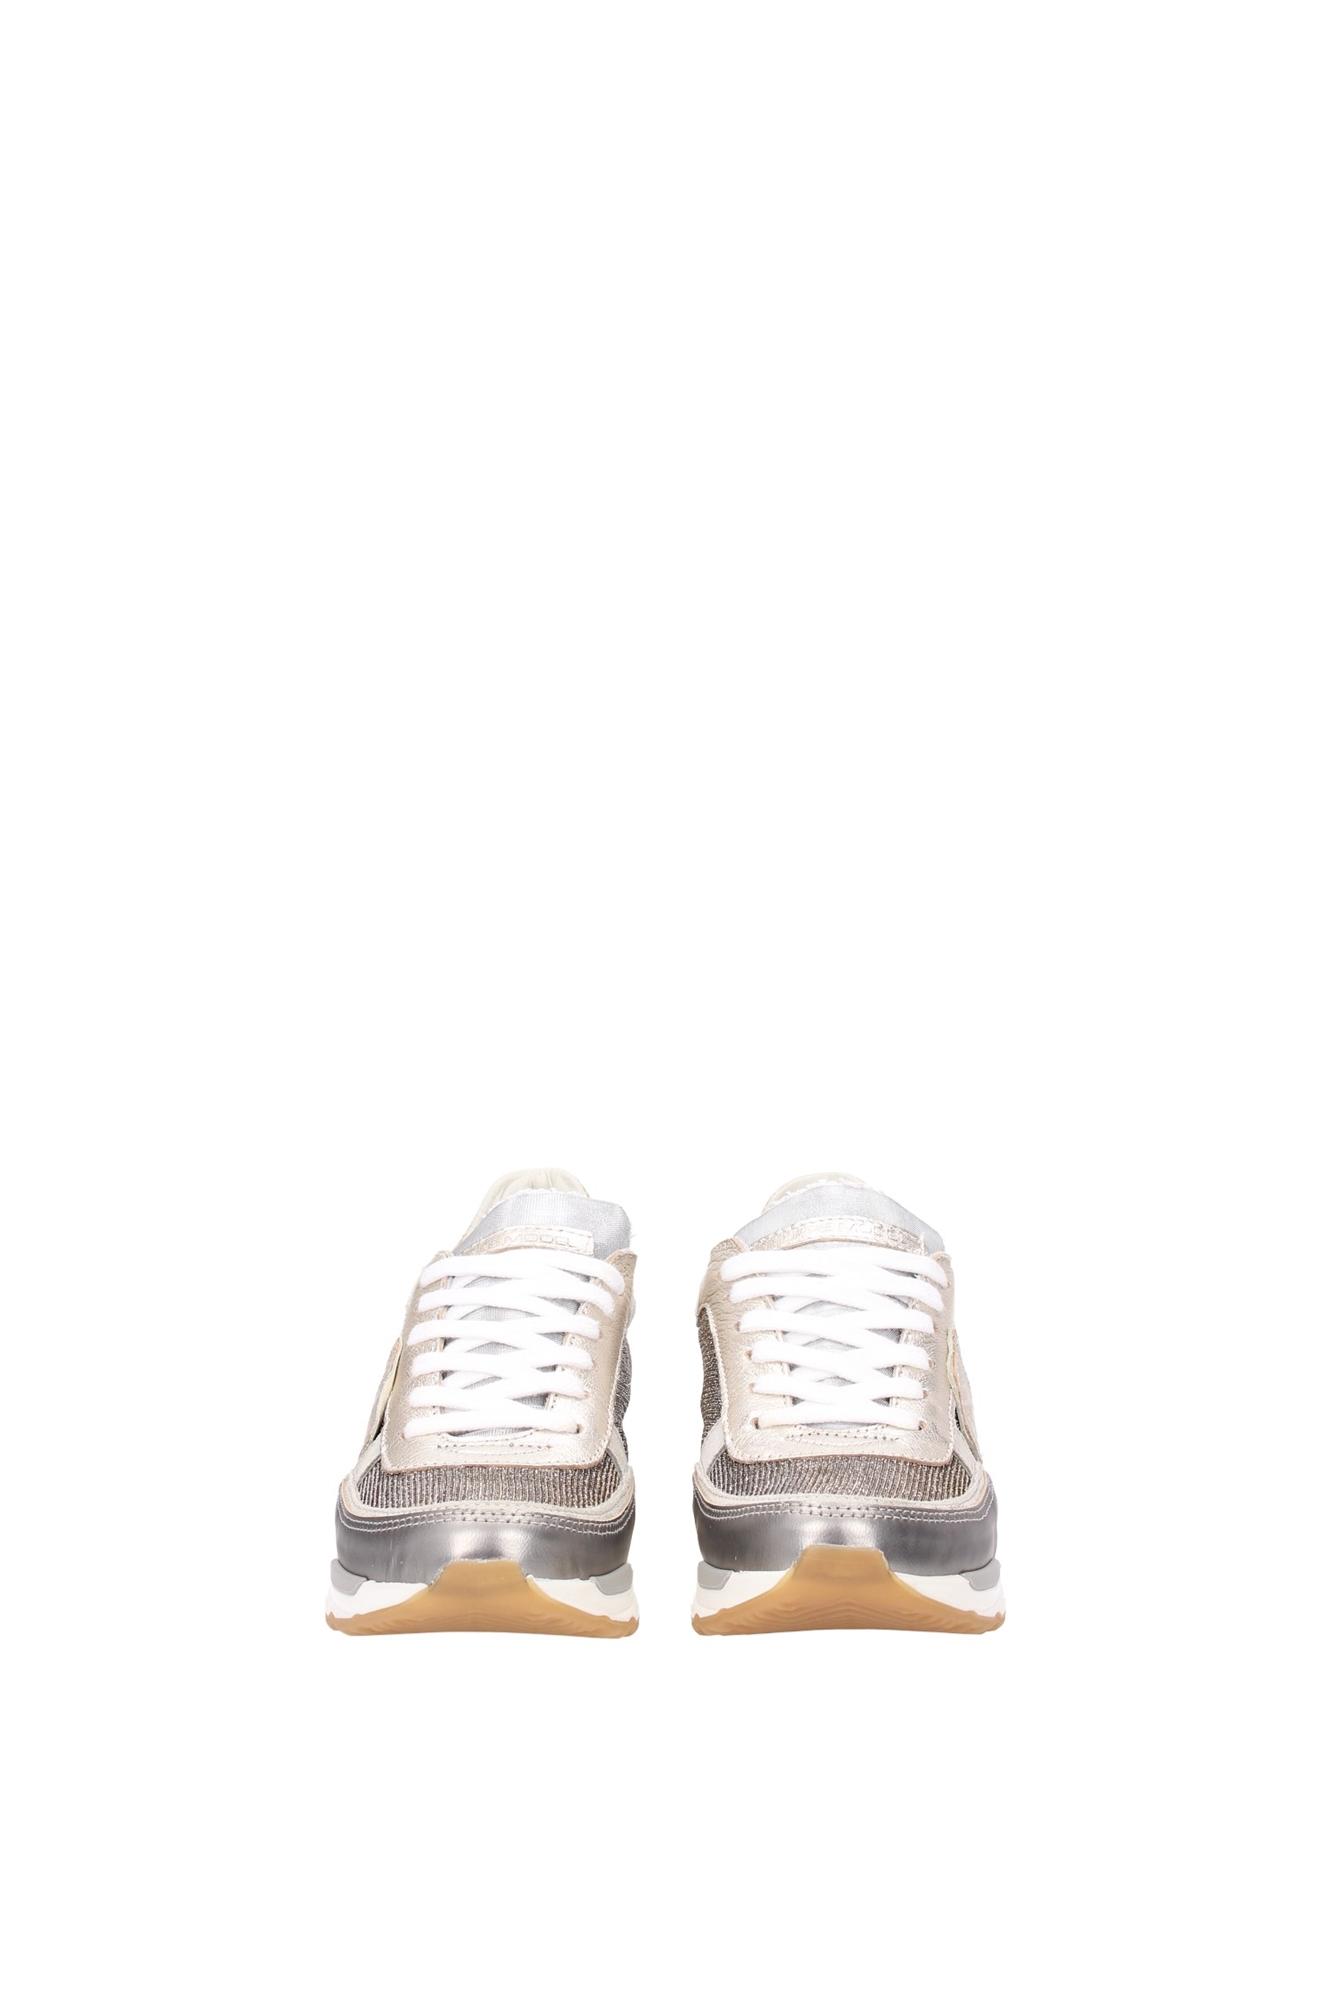 sneakers philippe model damen wildleder silber cyldtt02 ebay. Black Bedroom Furniture Sets. Home Design Ideas